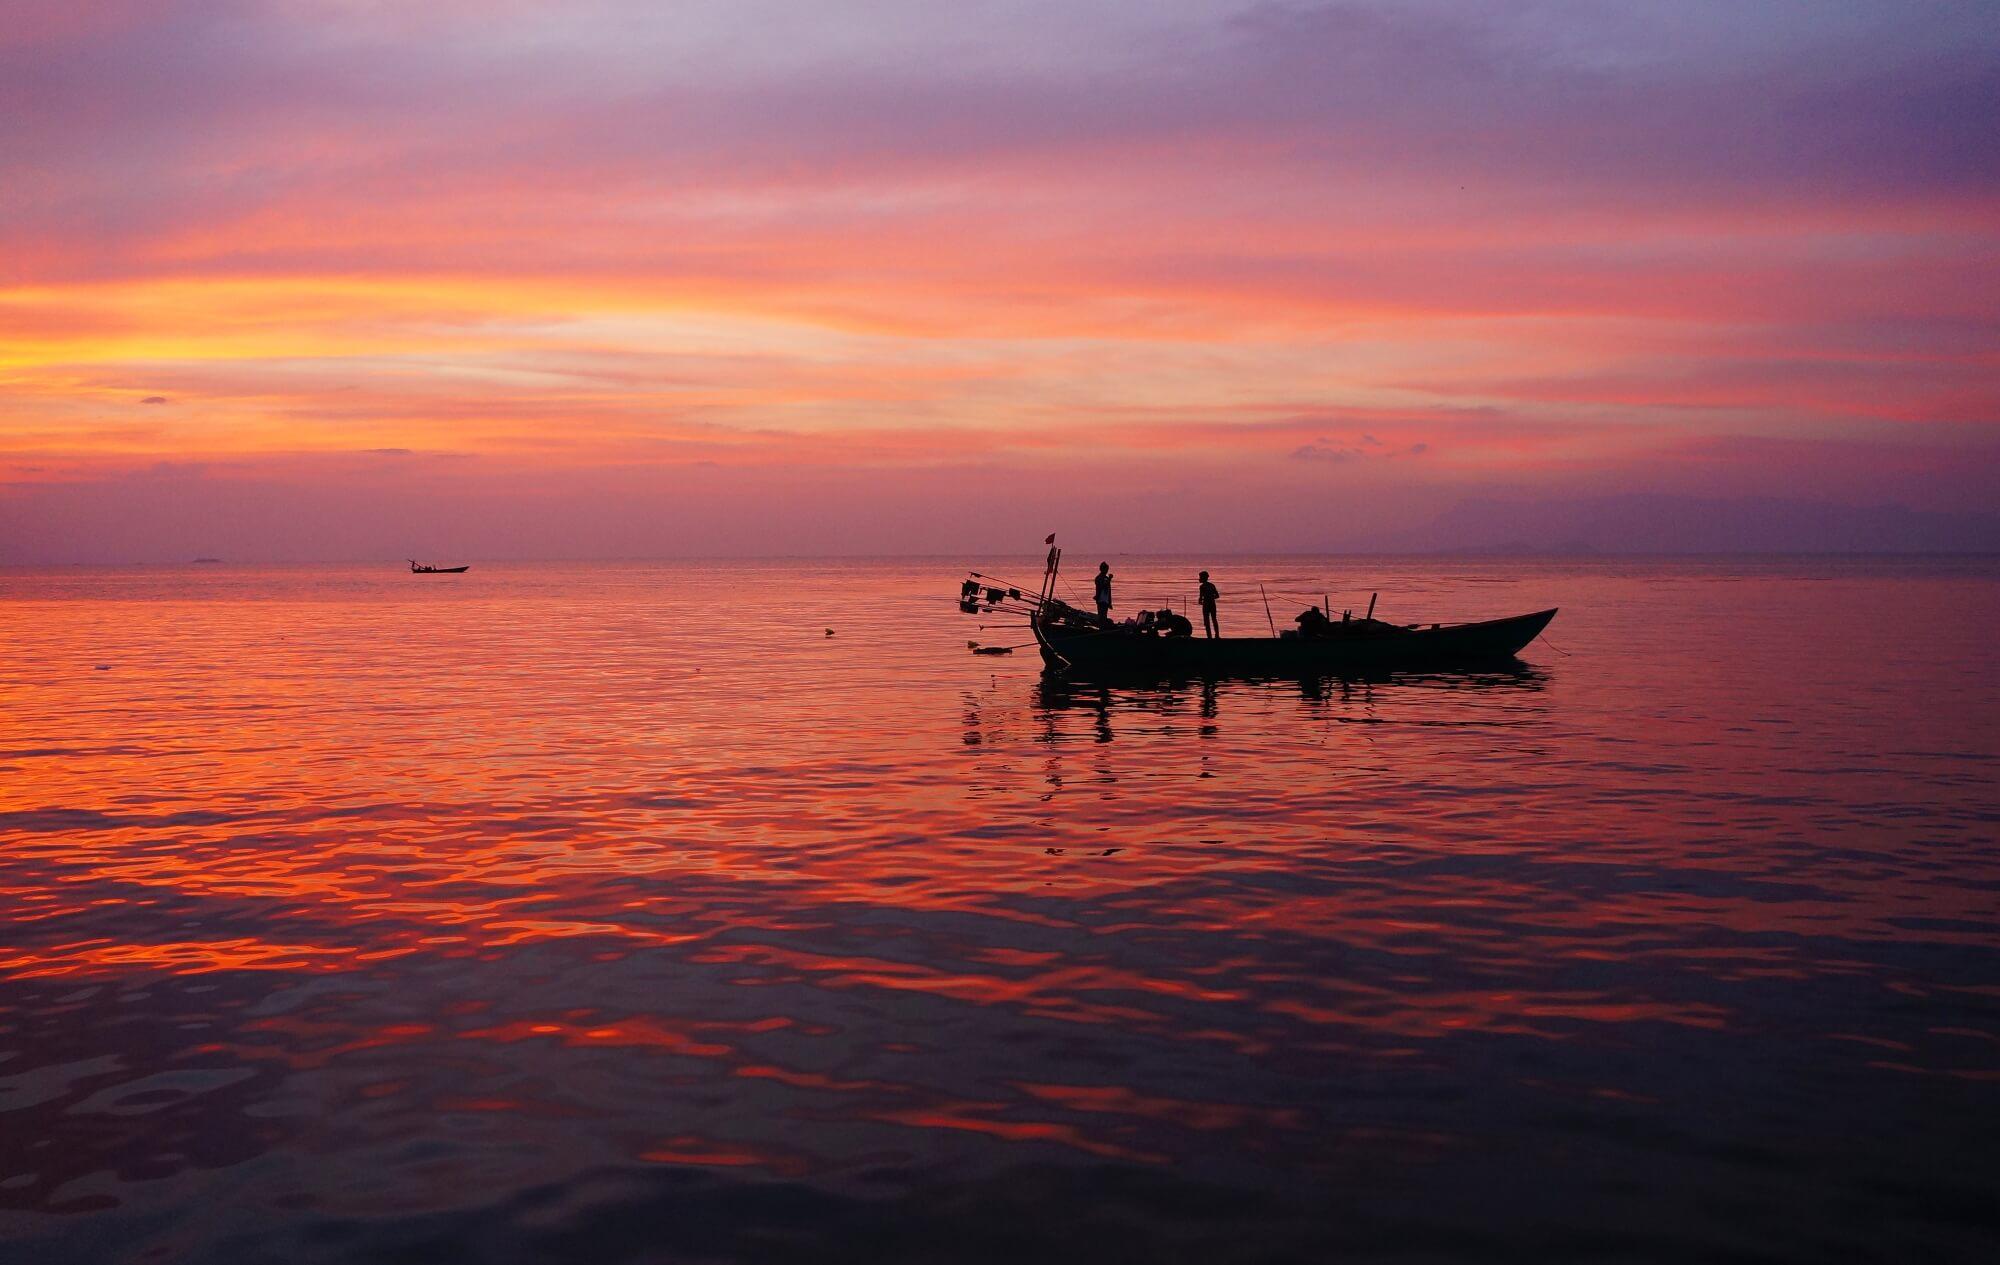 coucher de soleil rouge